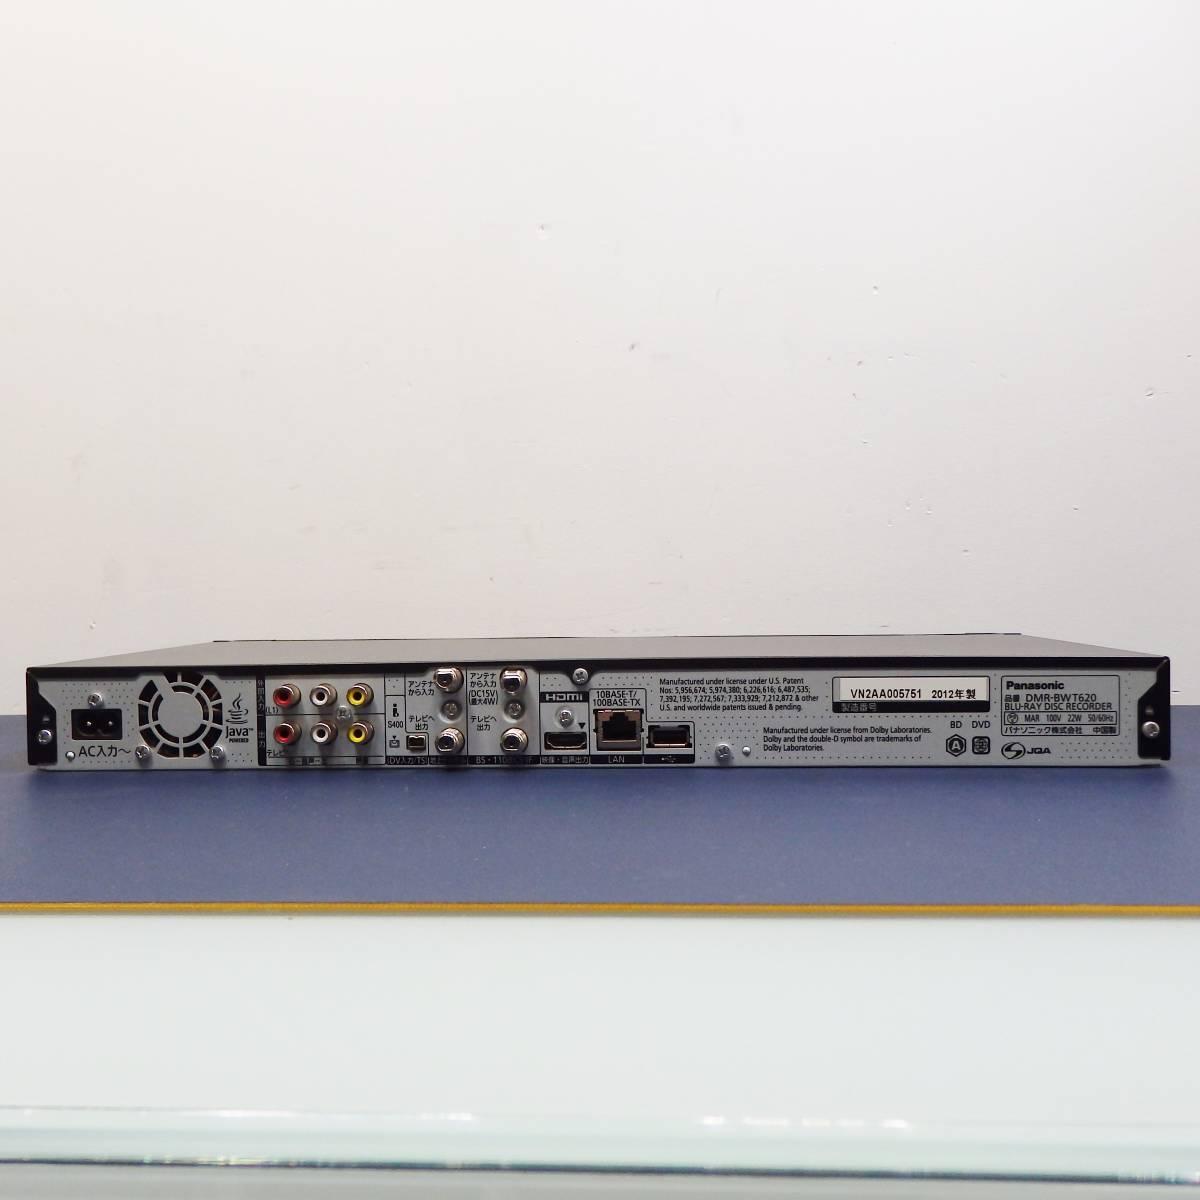 中古良品♪ Panasonic HDD & Blu-ray DIGA 1TB DMR-BWT620 12年製 パナソニック 2チューナー DVD ブルーレイ レコーダー 純正リモコン_画像5